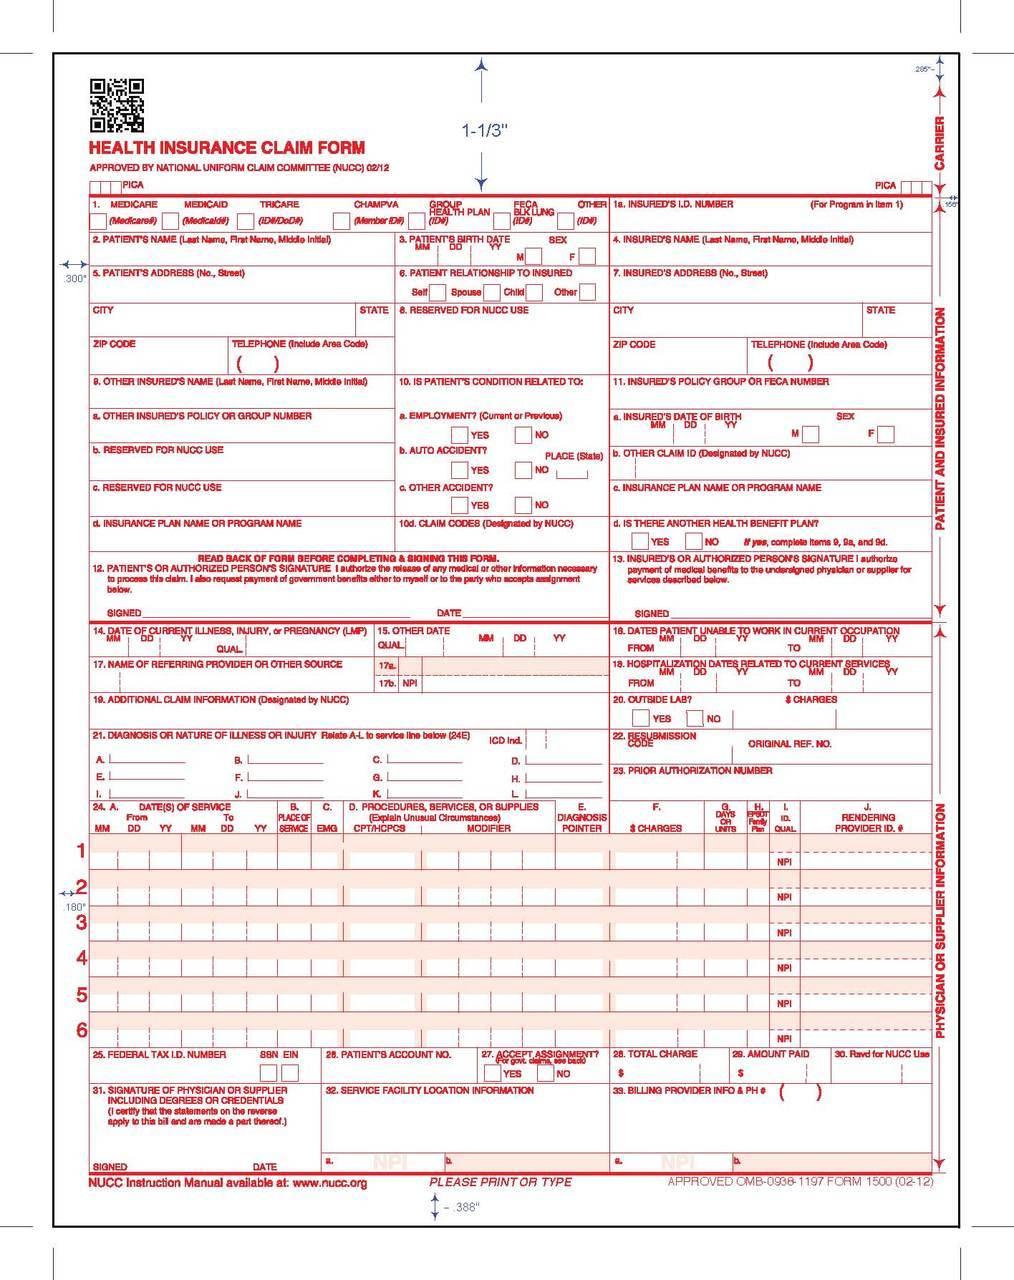 Medicare 1500 Form 0212